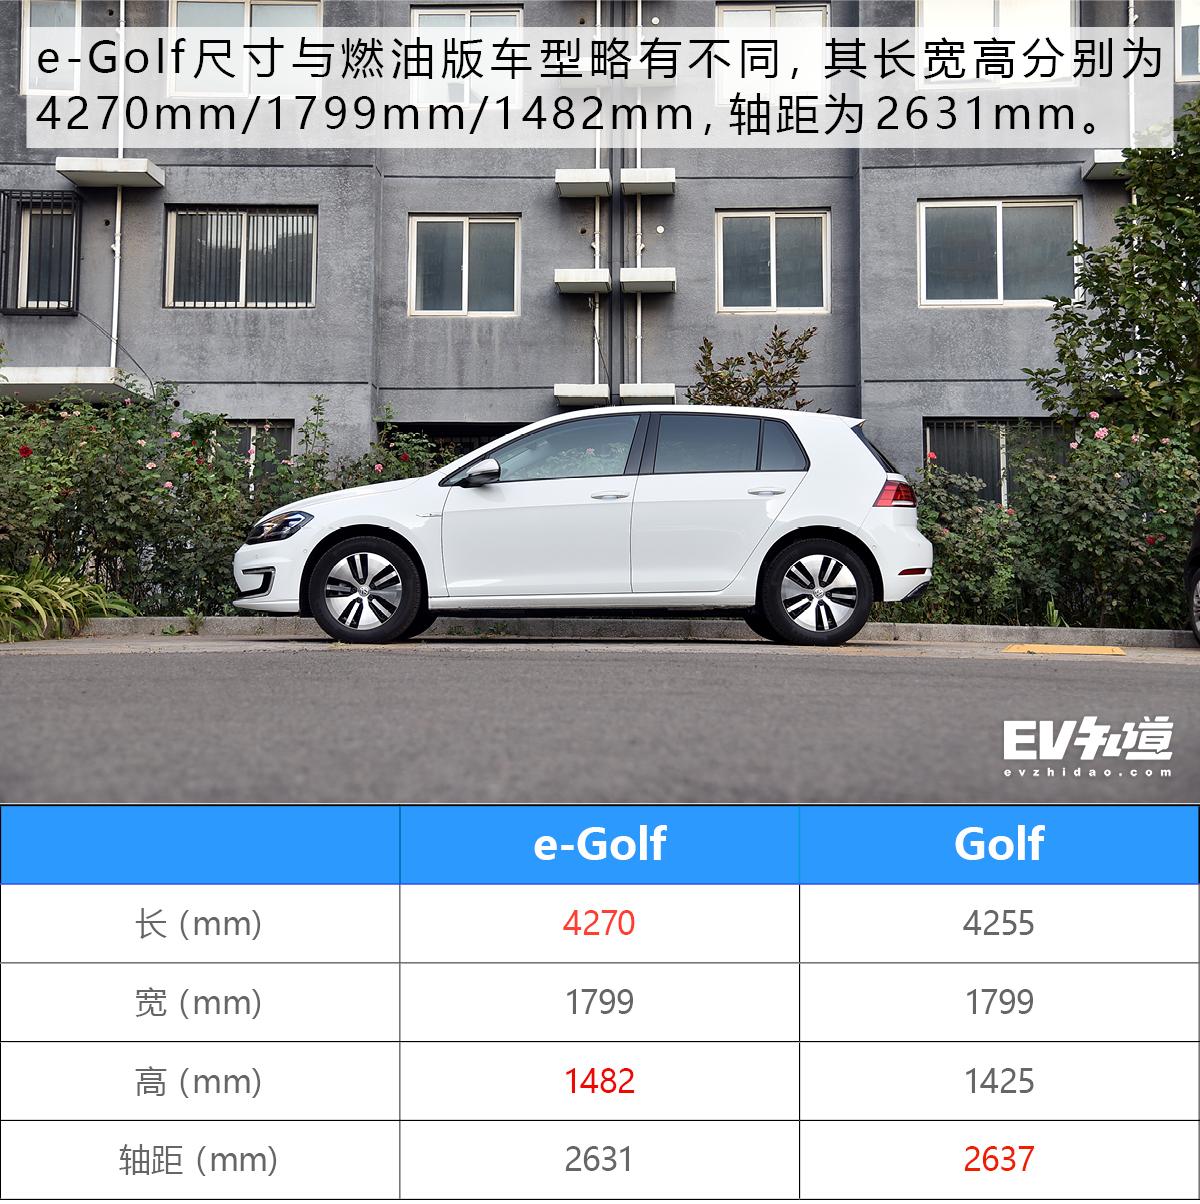 看上去很像却又不一样 实拍大众e-Golf